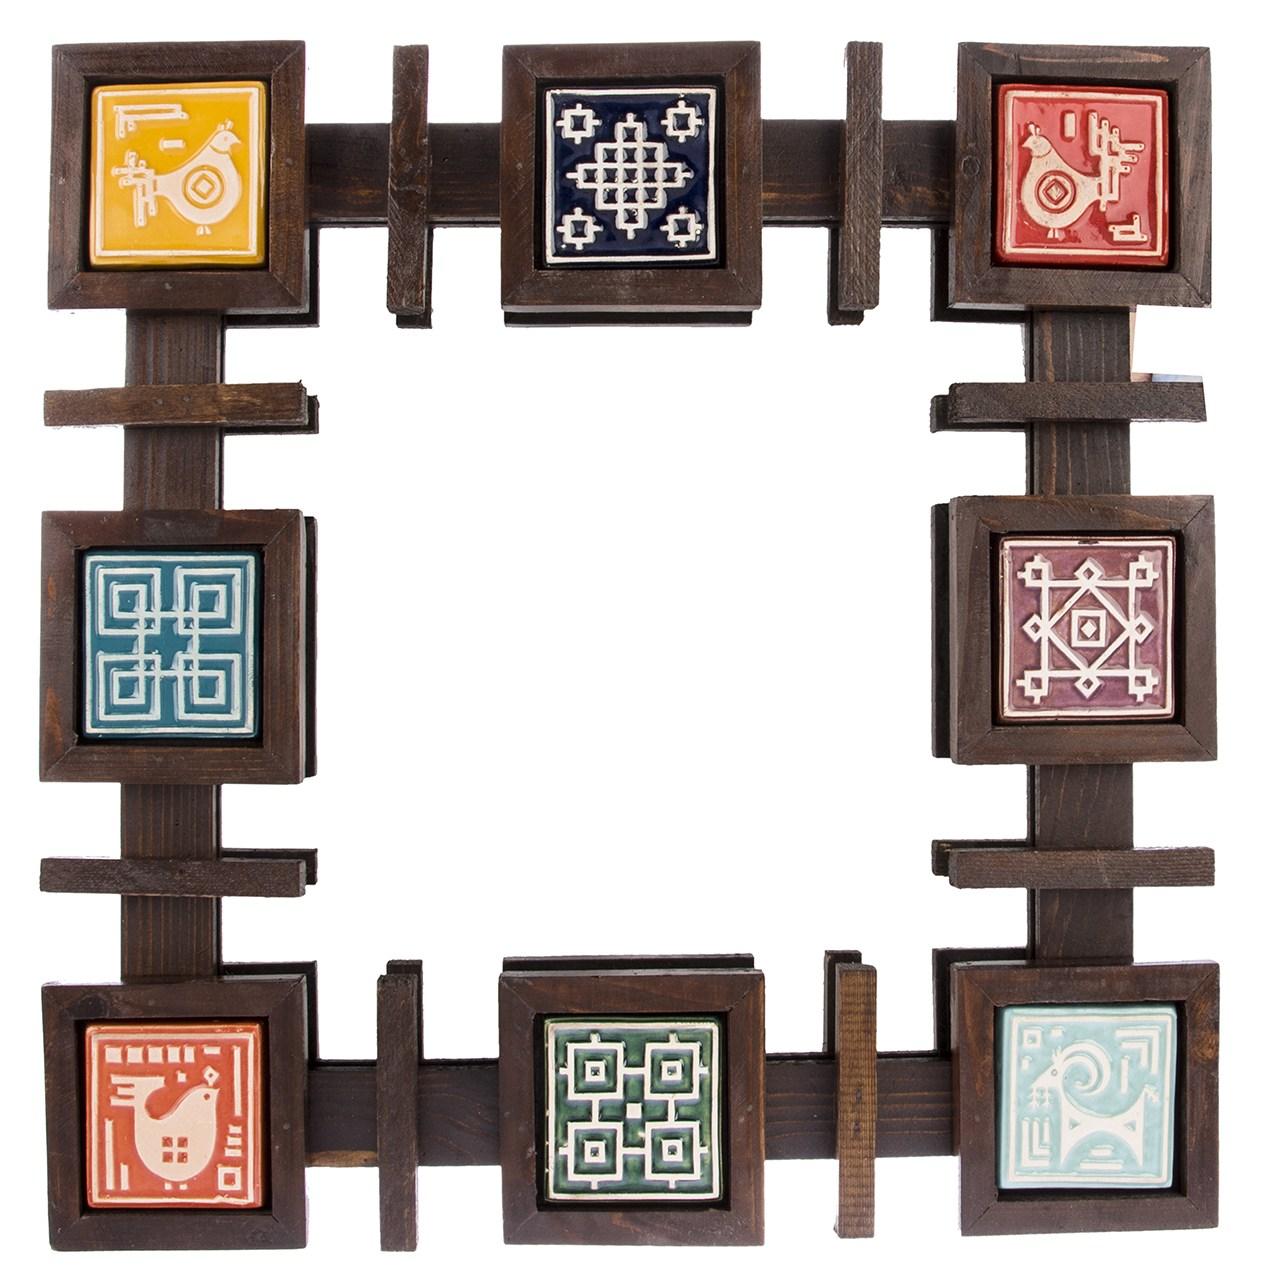 آینه گالری اسعدی طرح خشتی فرسکو کد 66070